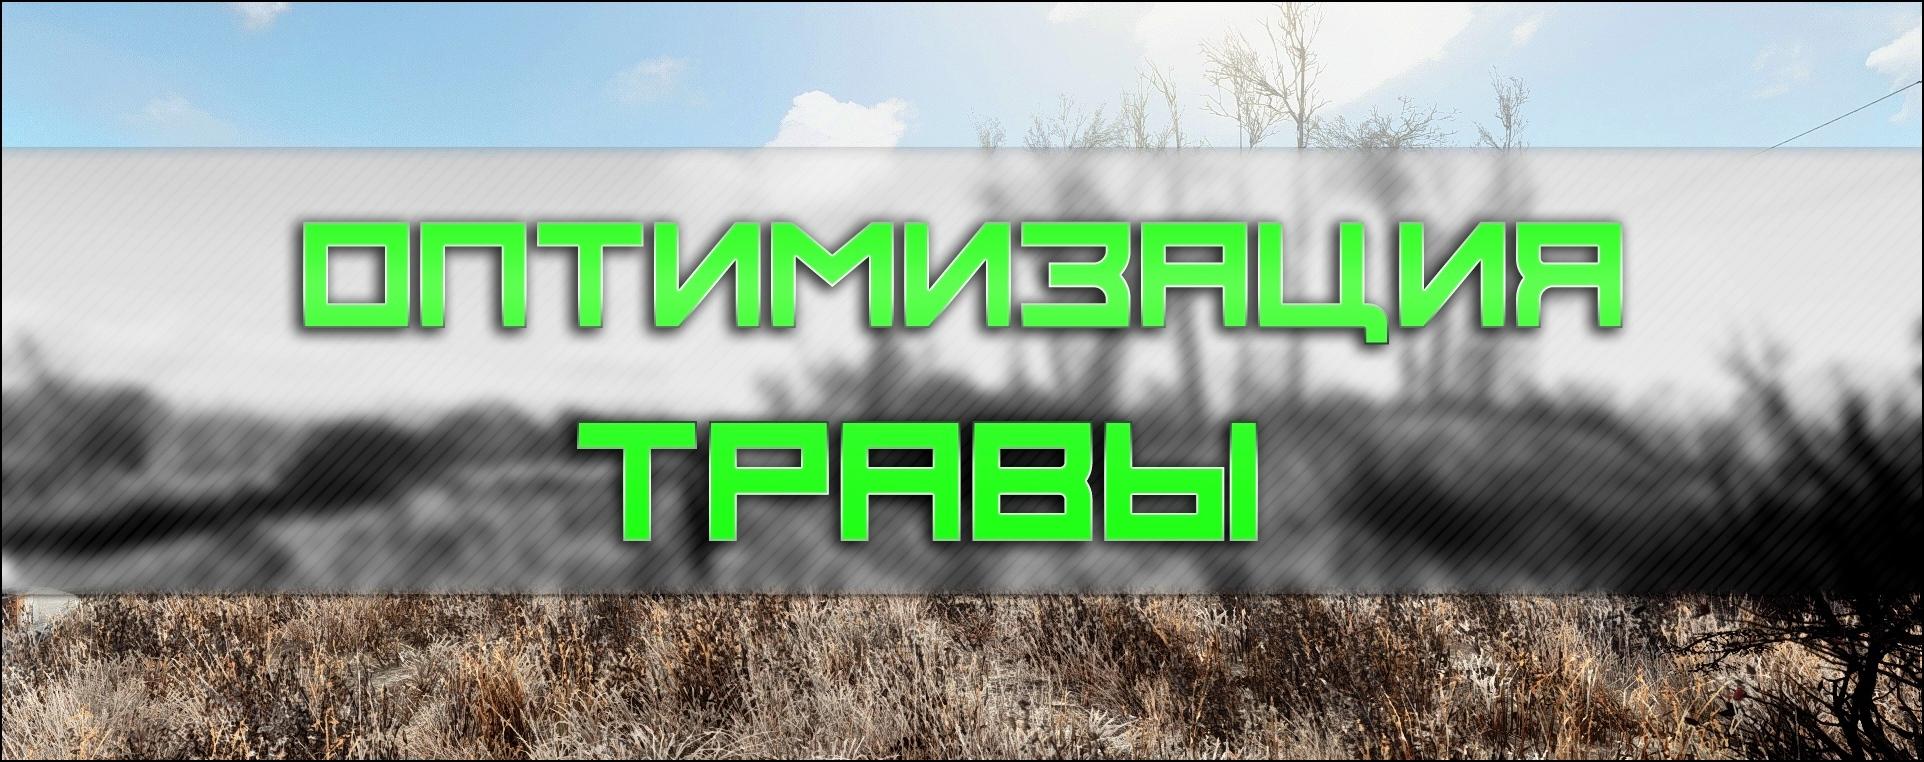 SDT Оптимизация травы Fallout 4